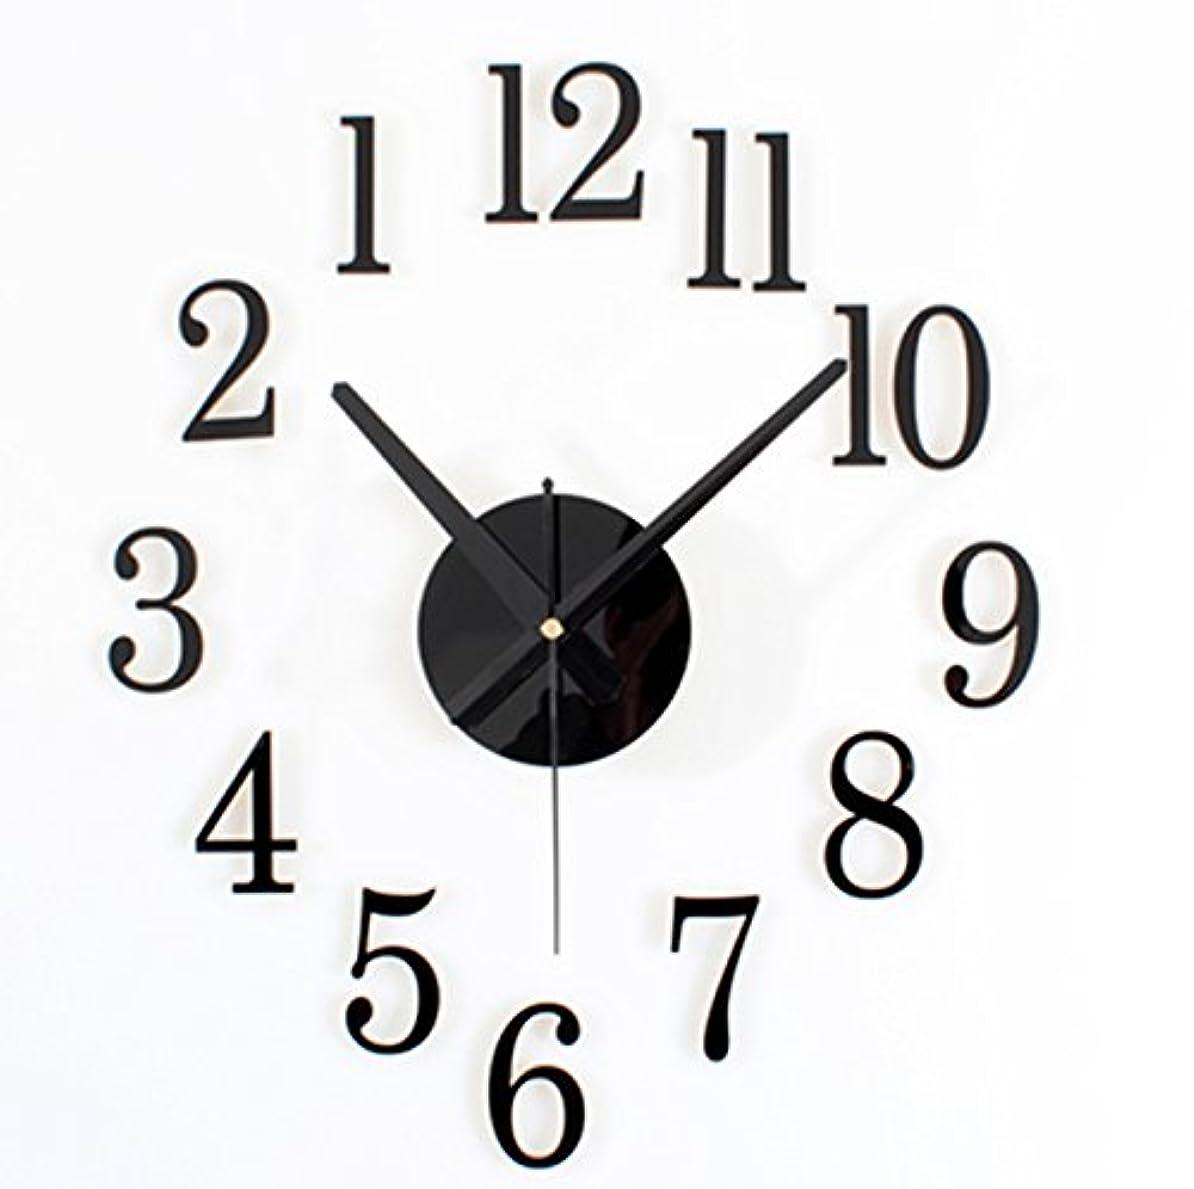 メッシュと闘う受け皿時間バックメタルテクスチャ3DステレオDIYの壁時計ファッション創造的な逆時計のテーブルDIY時計自己粘着時計 (色 : 黒)